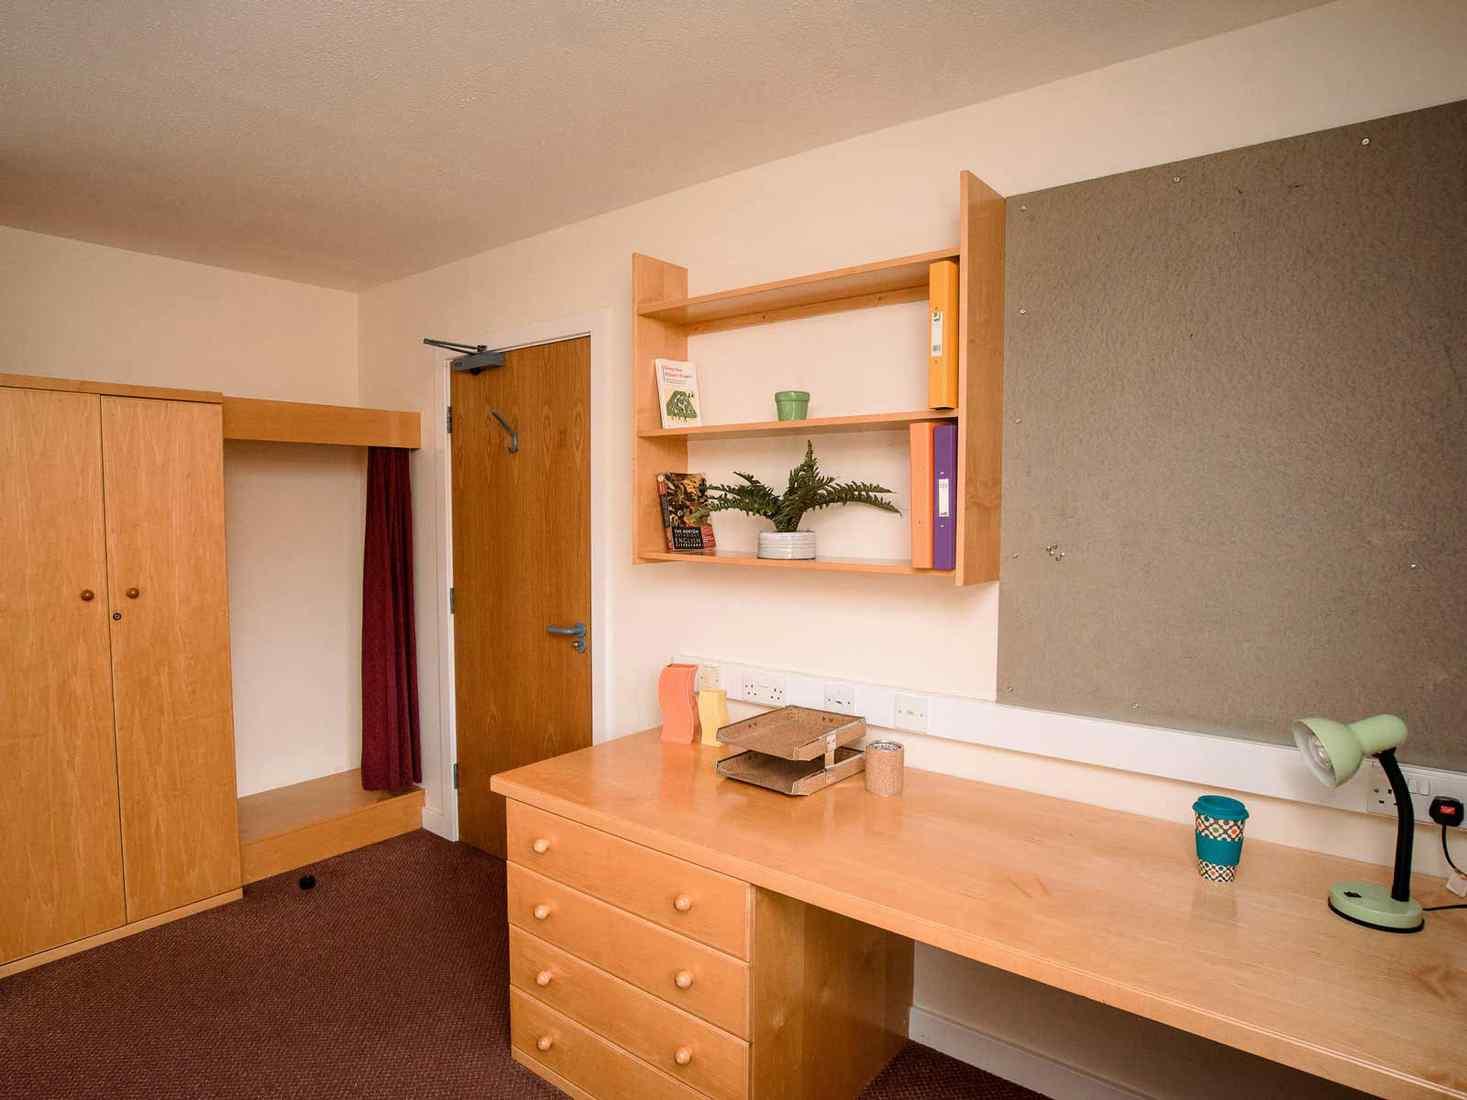 Wardobe in Limes Court bedroom